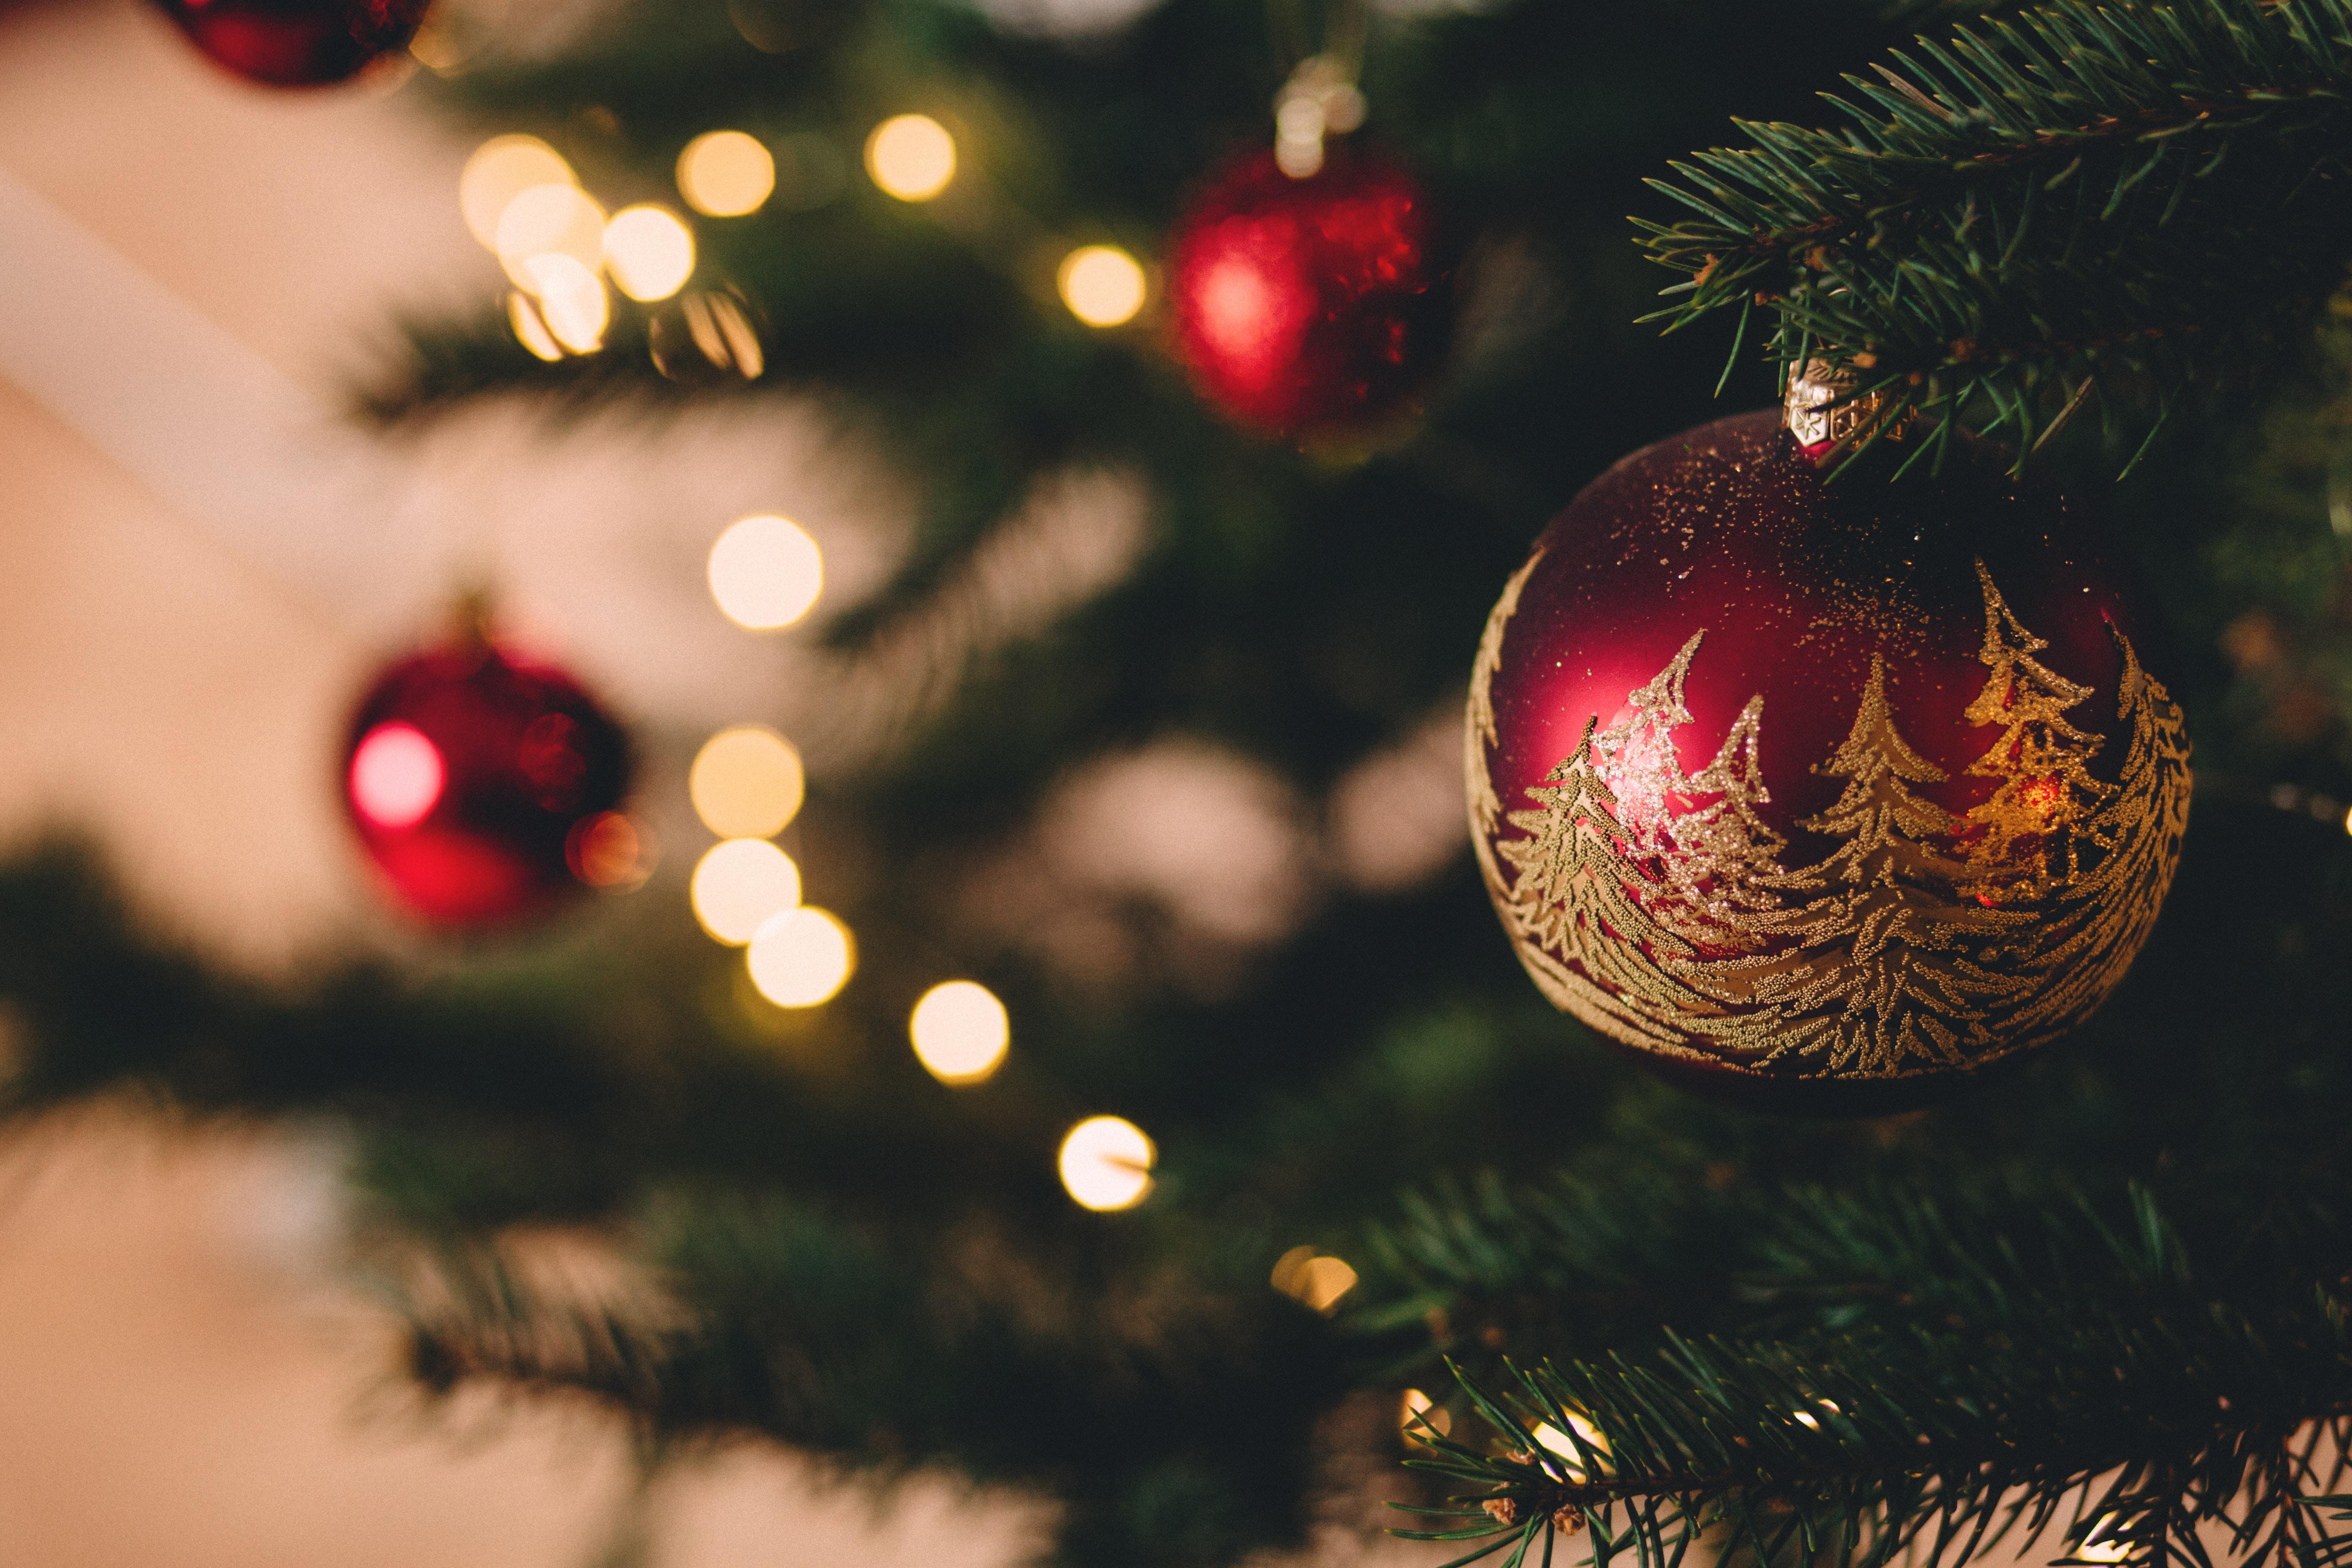 Weihnachten naht, Glühwein gibt es schon